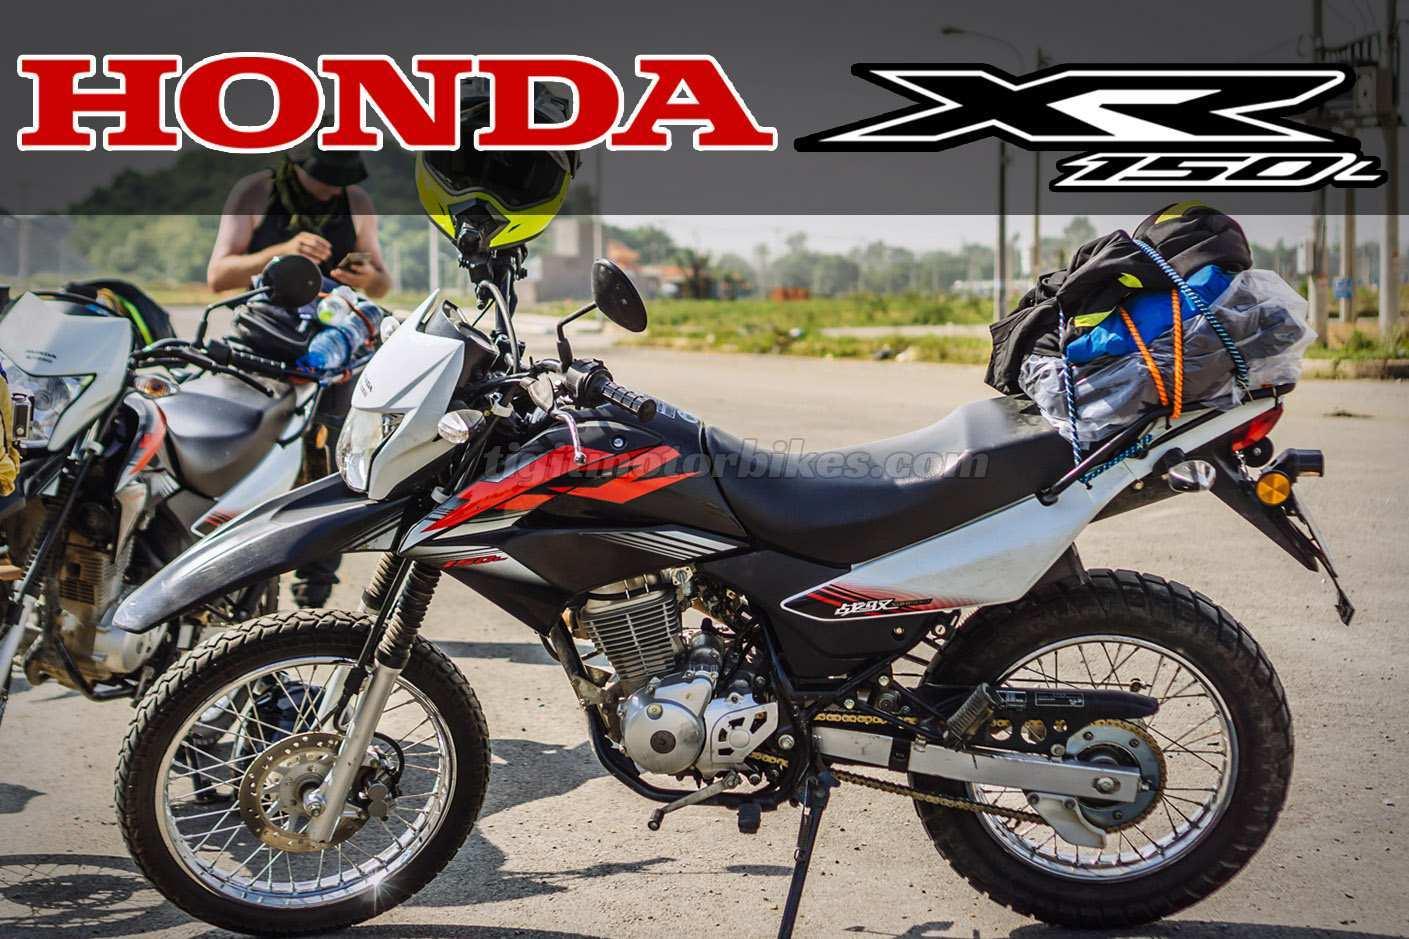 16 All New Honda Xr 150L 2020 Exterior and Interior with Honda Xr 150L 2020